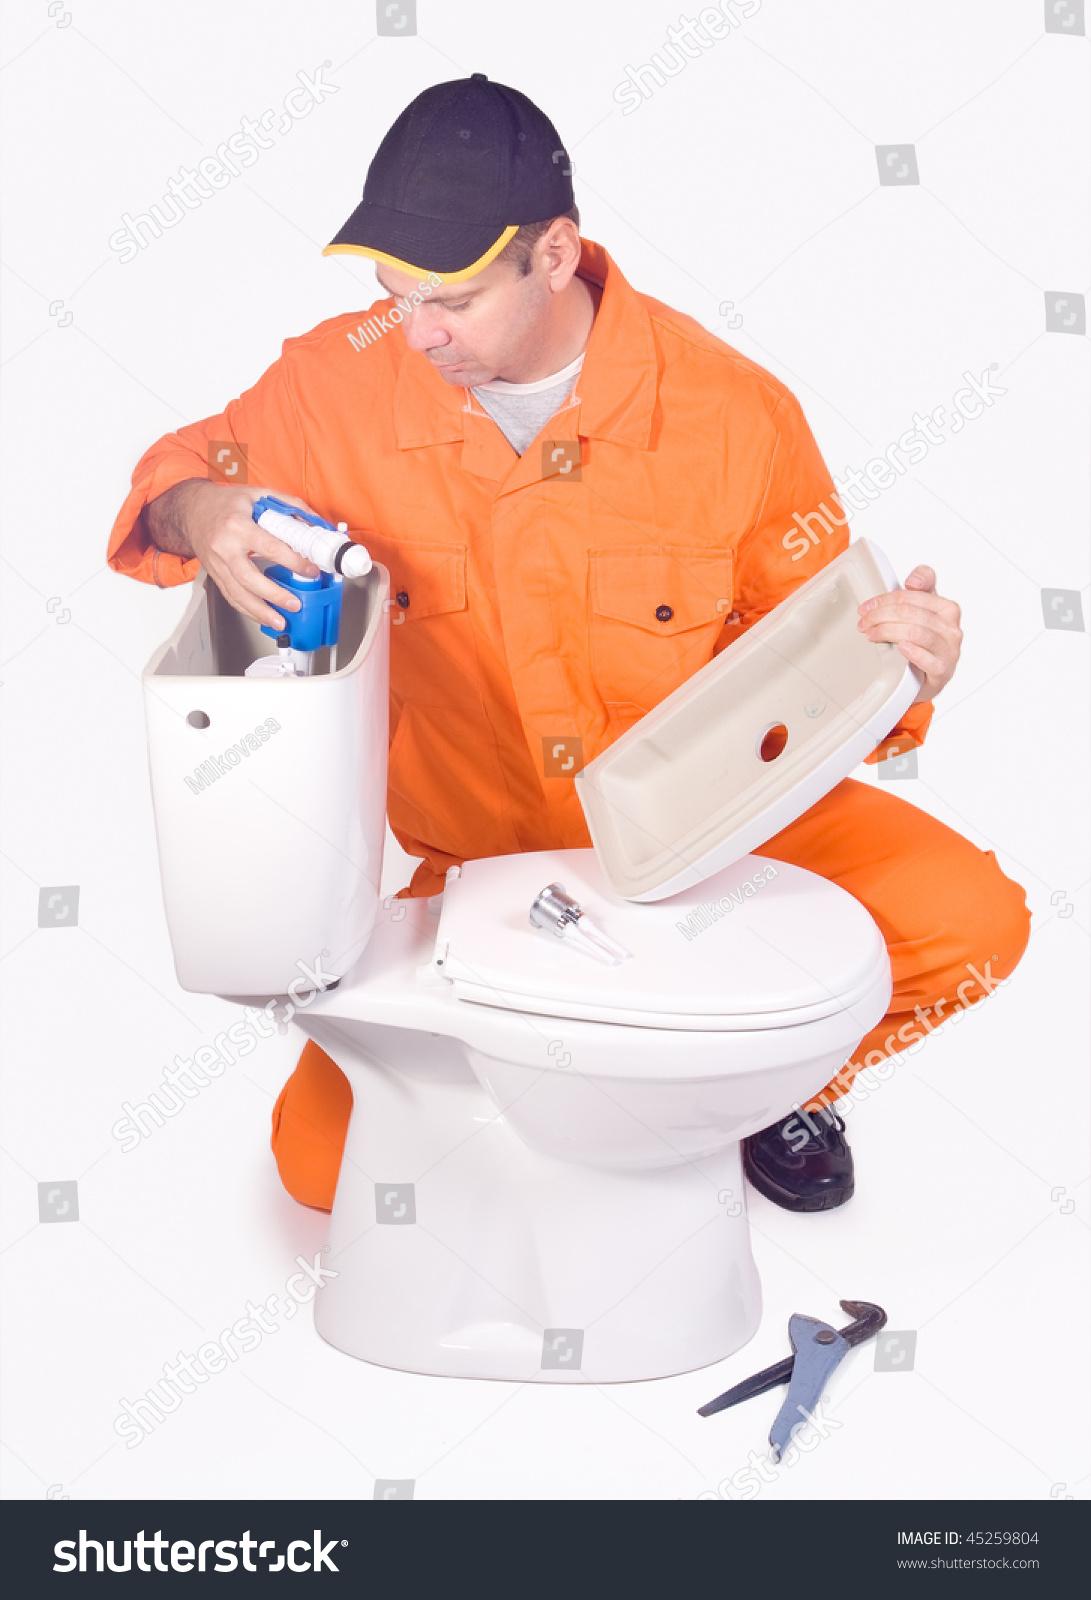 Plumber Mounted Toilet Bowl On White Stock Photo (Royalty Free ...